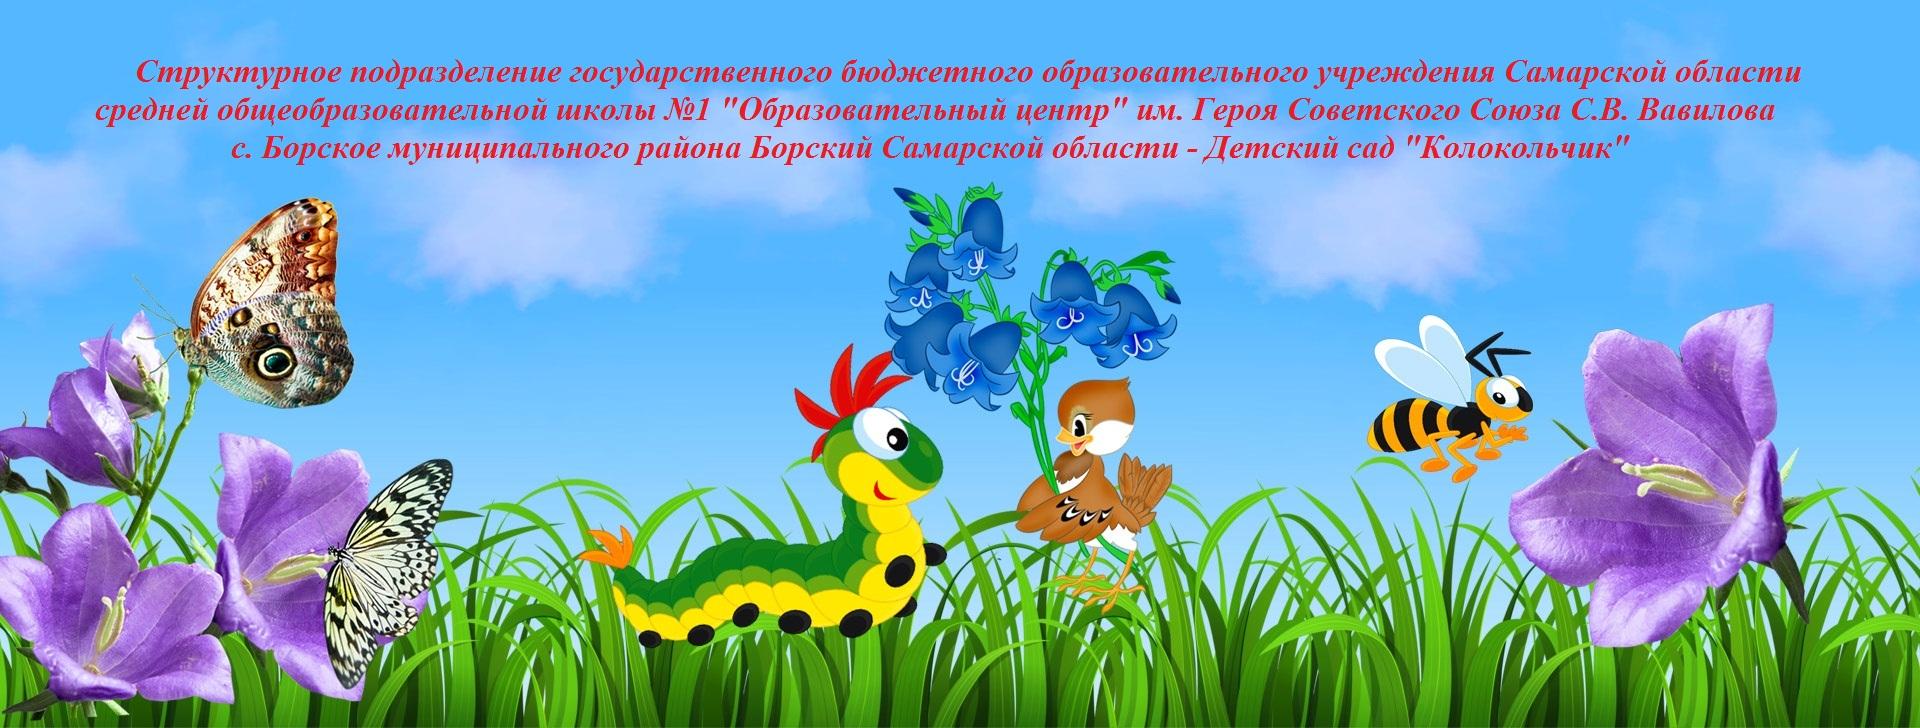 """Детский сад """"Колокольчик"""" с. Борское"""